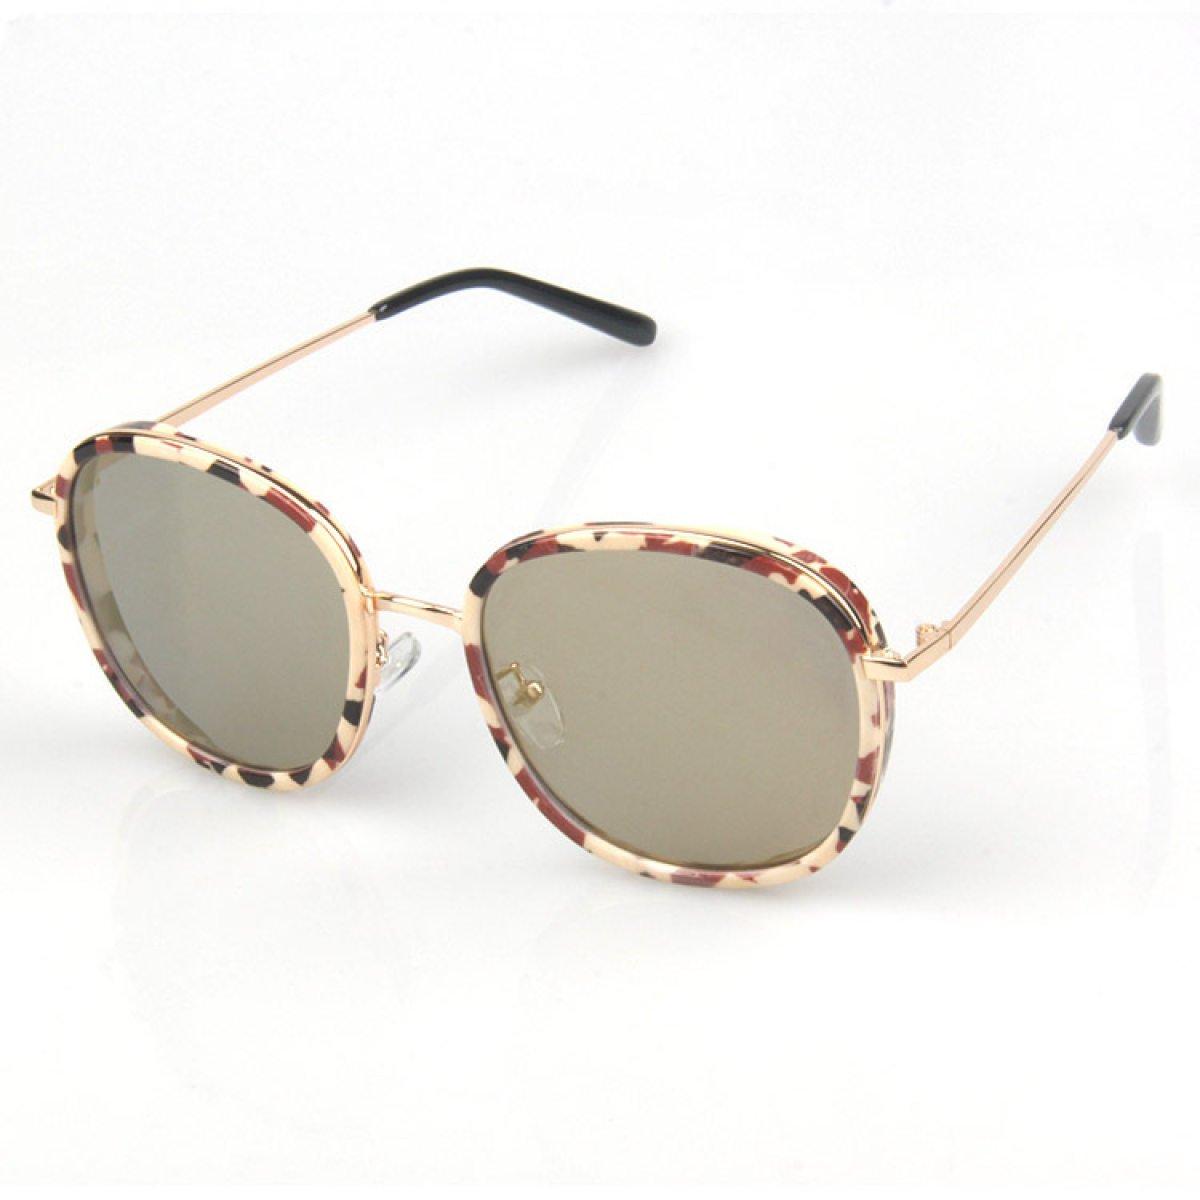 Wkaijc Damen Persönlichkeit Mode Flach Kreativ Retro Reflektierend Sonnenbrille Sonnenbrillen ,C